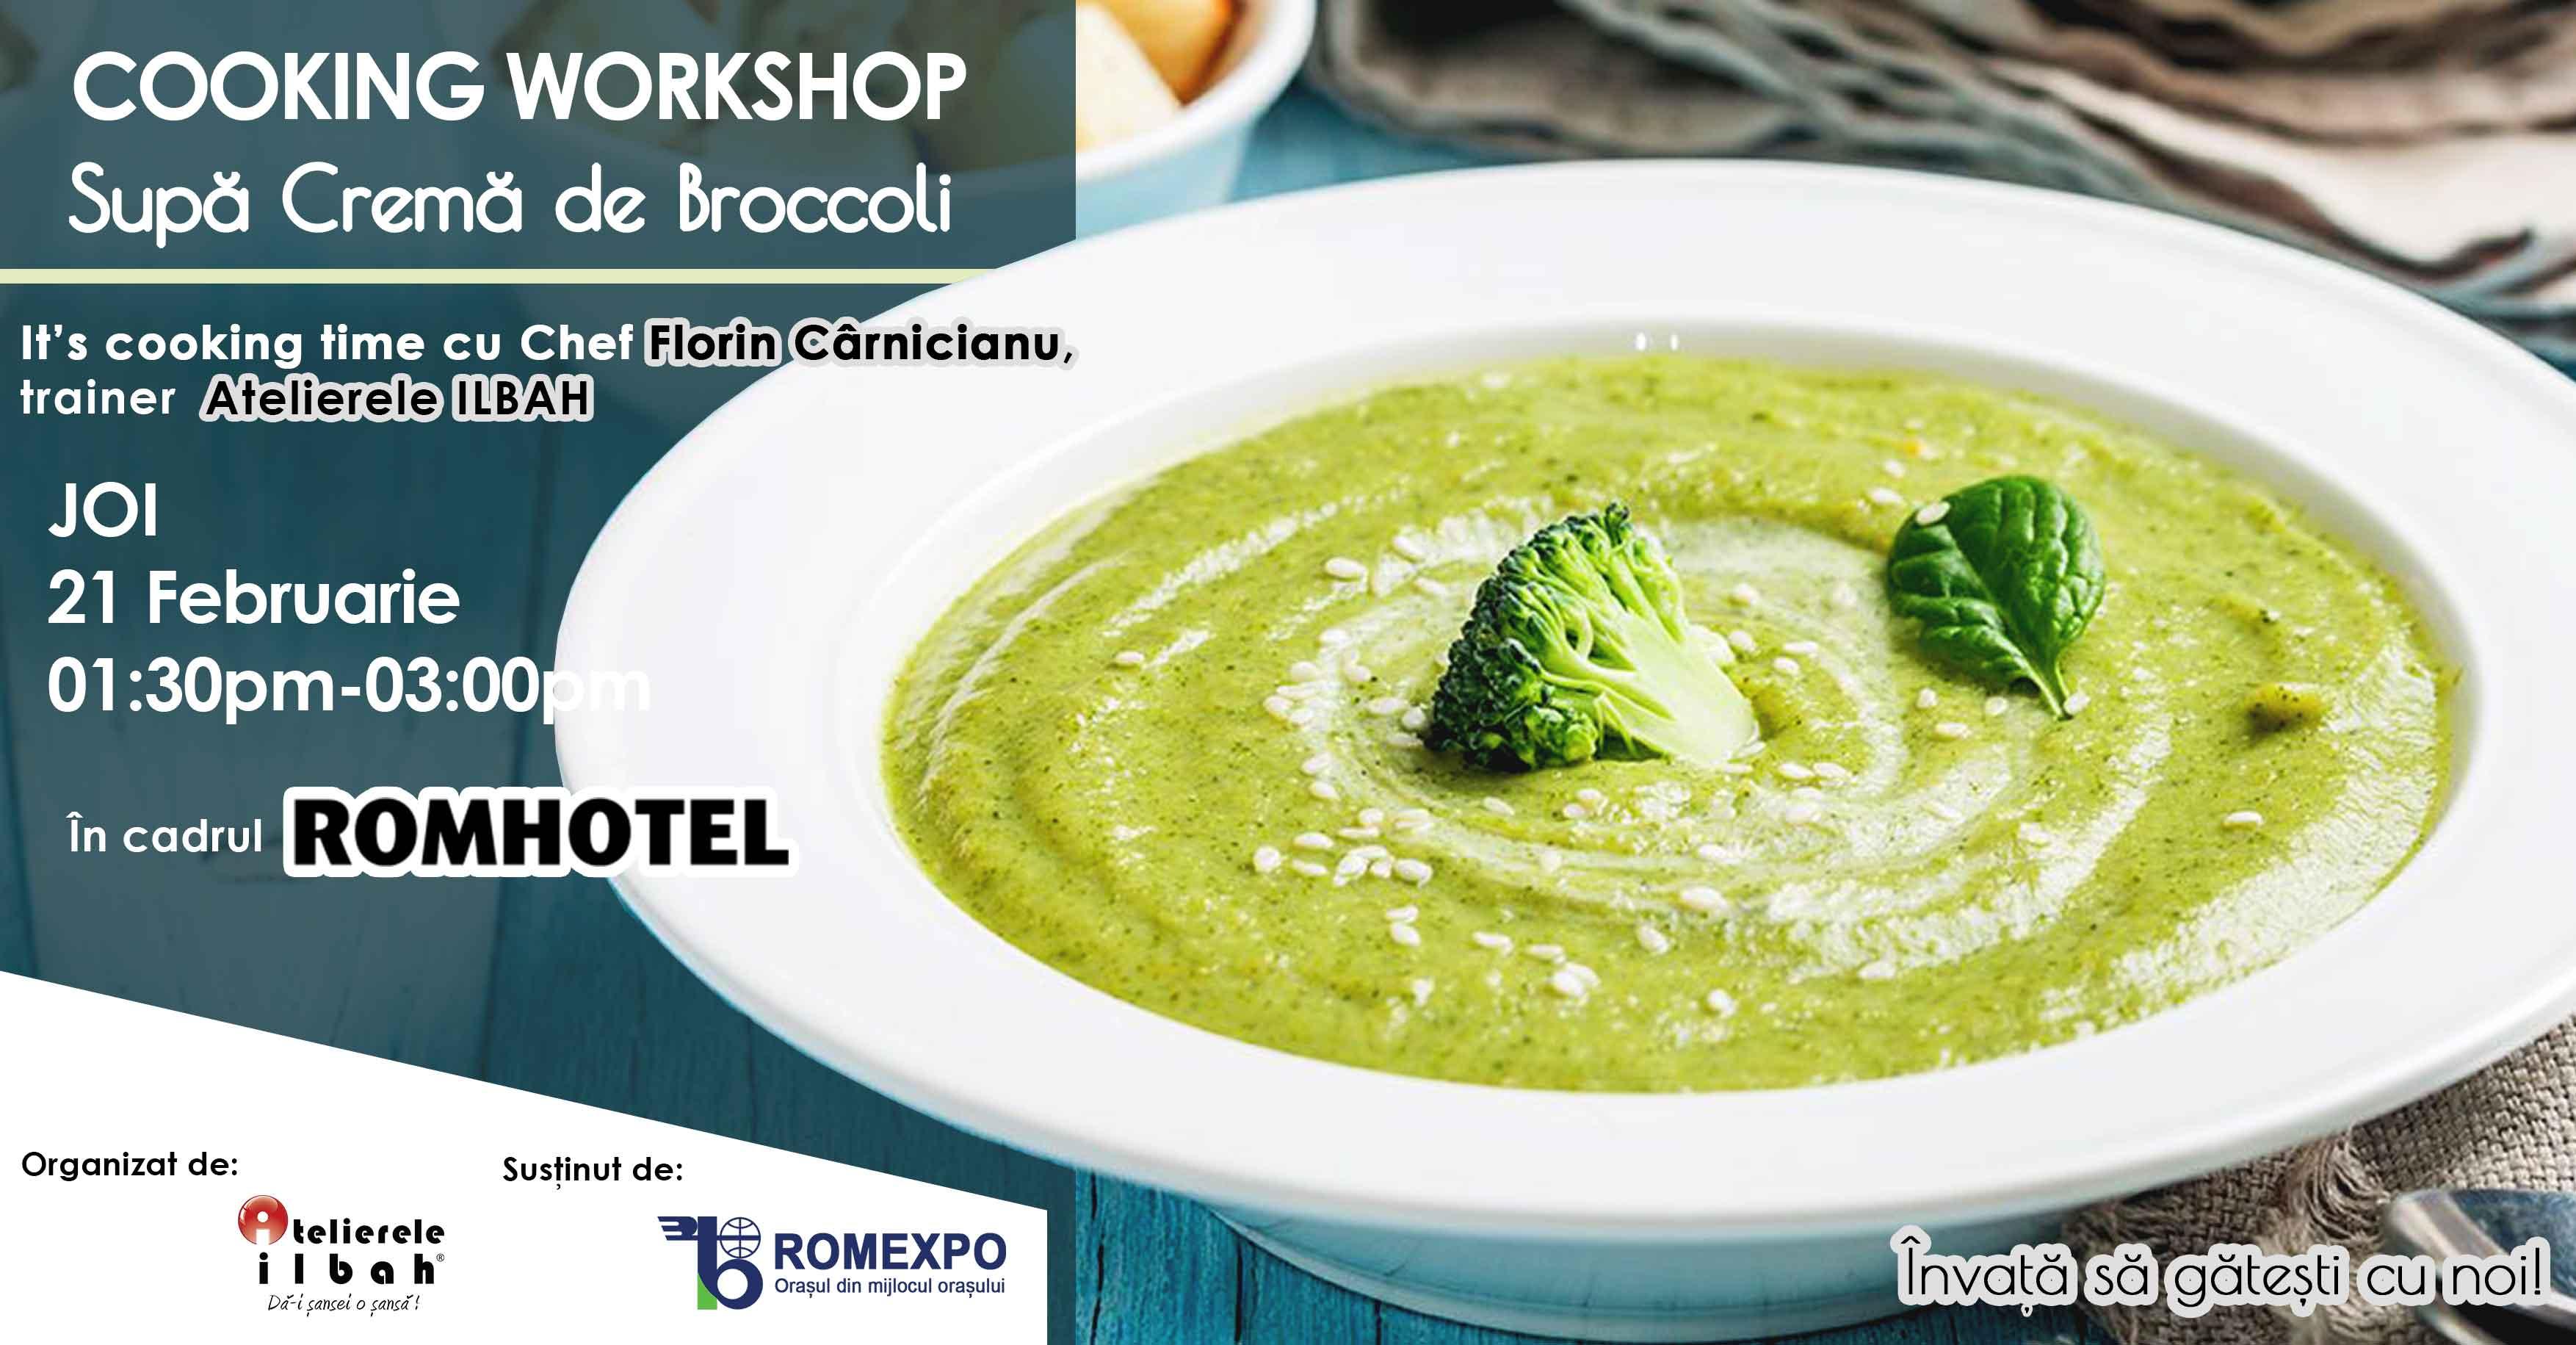 nu-rata-workshopurile-de-cooking-organizate-de-atelierele-ilbah-in-cadrul-romhotel-2019-2